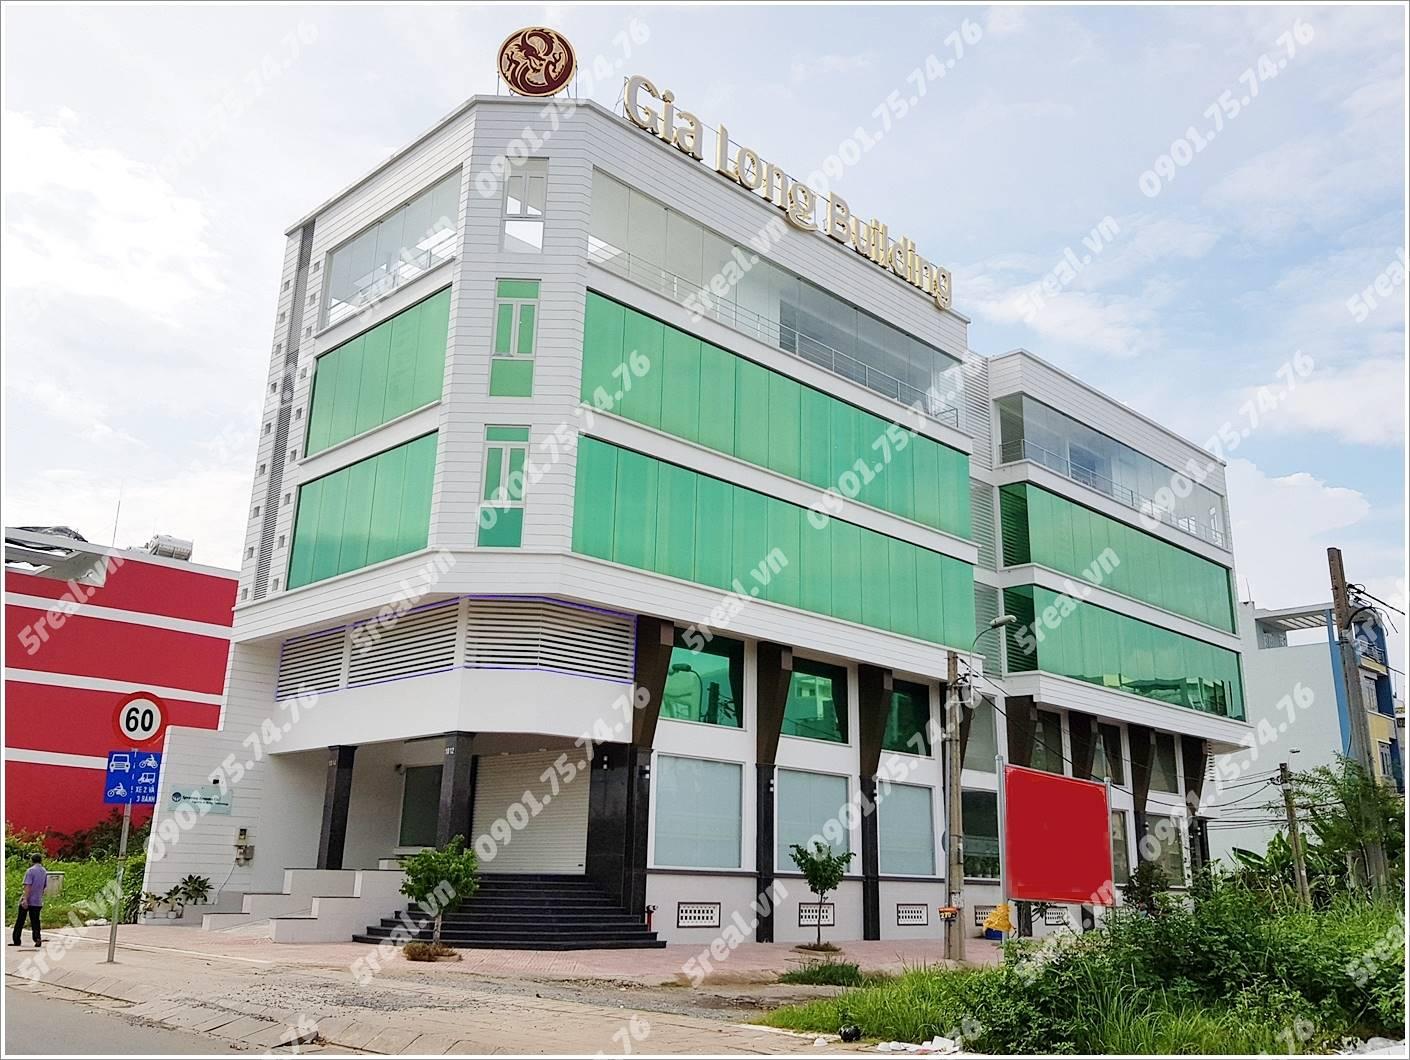 gia-long-building-vo-van-kiet-quan-binh-tan-van-phong-cho-thue-tphcm-5real.vn